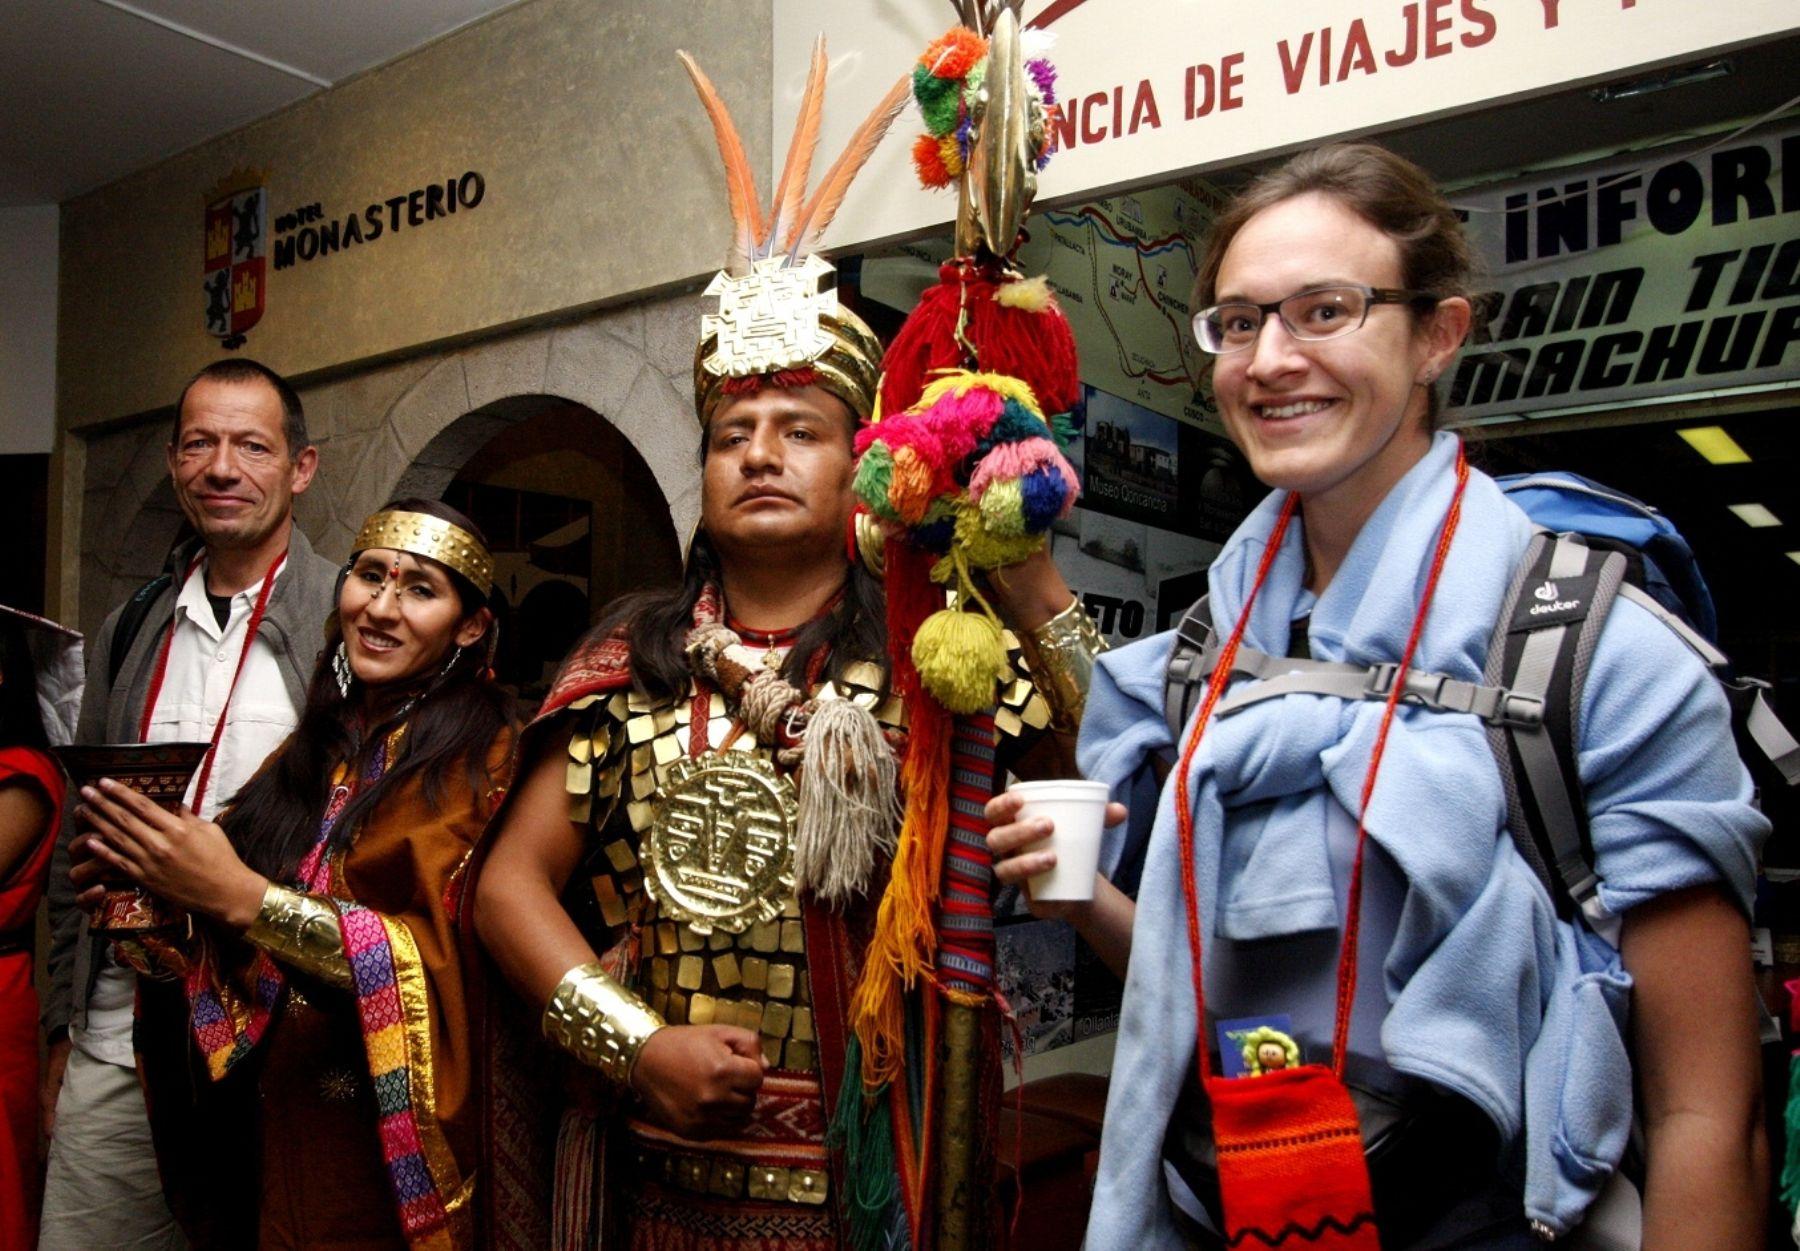 Cusco y otras regiones del Perú celebran el Día Mundial del Turismo con diversas actividades. ANDINA/Percy Hurtado Santillán